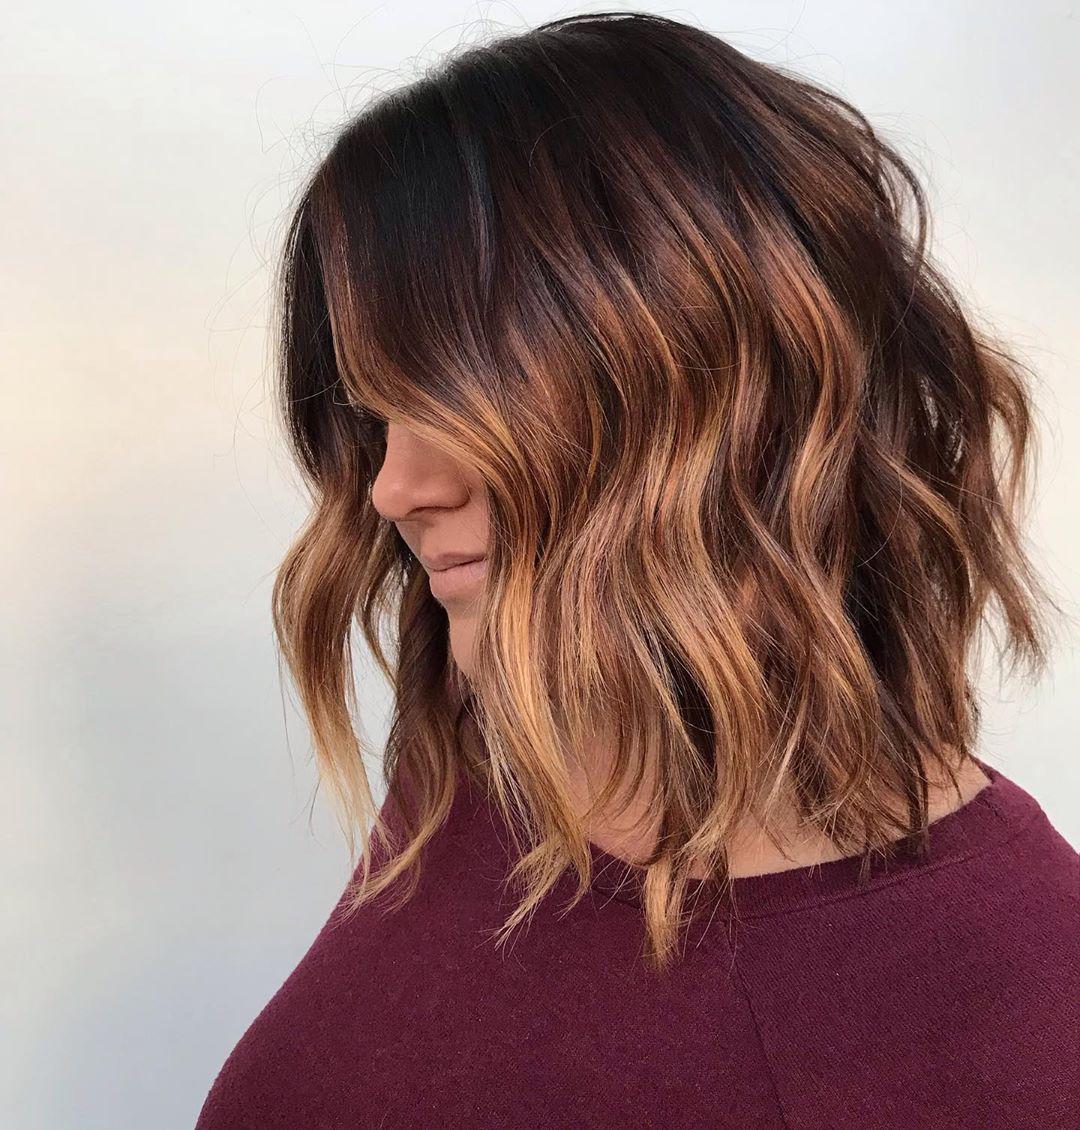 короткие причёски для женщин старше 40 фото 1